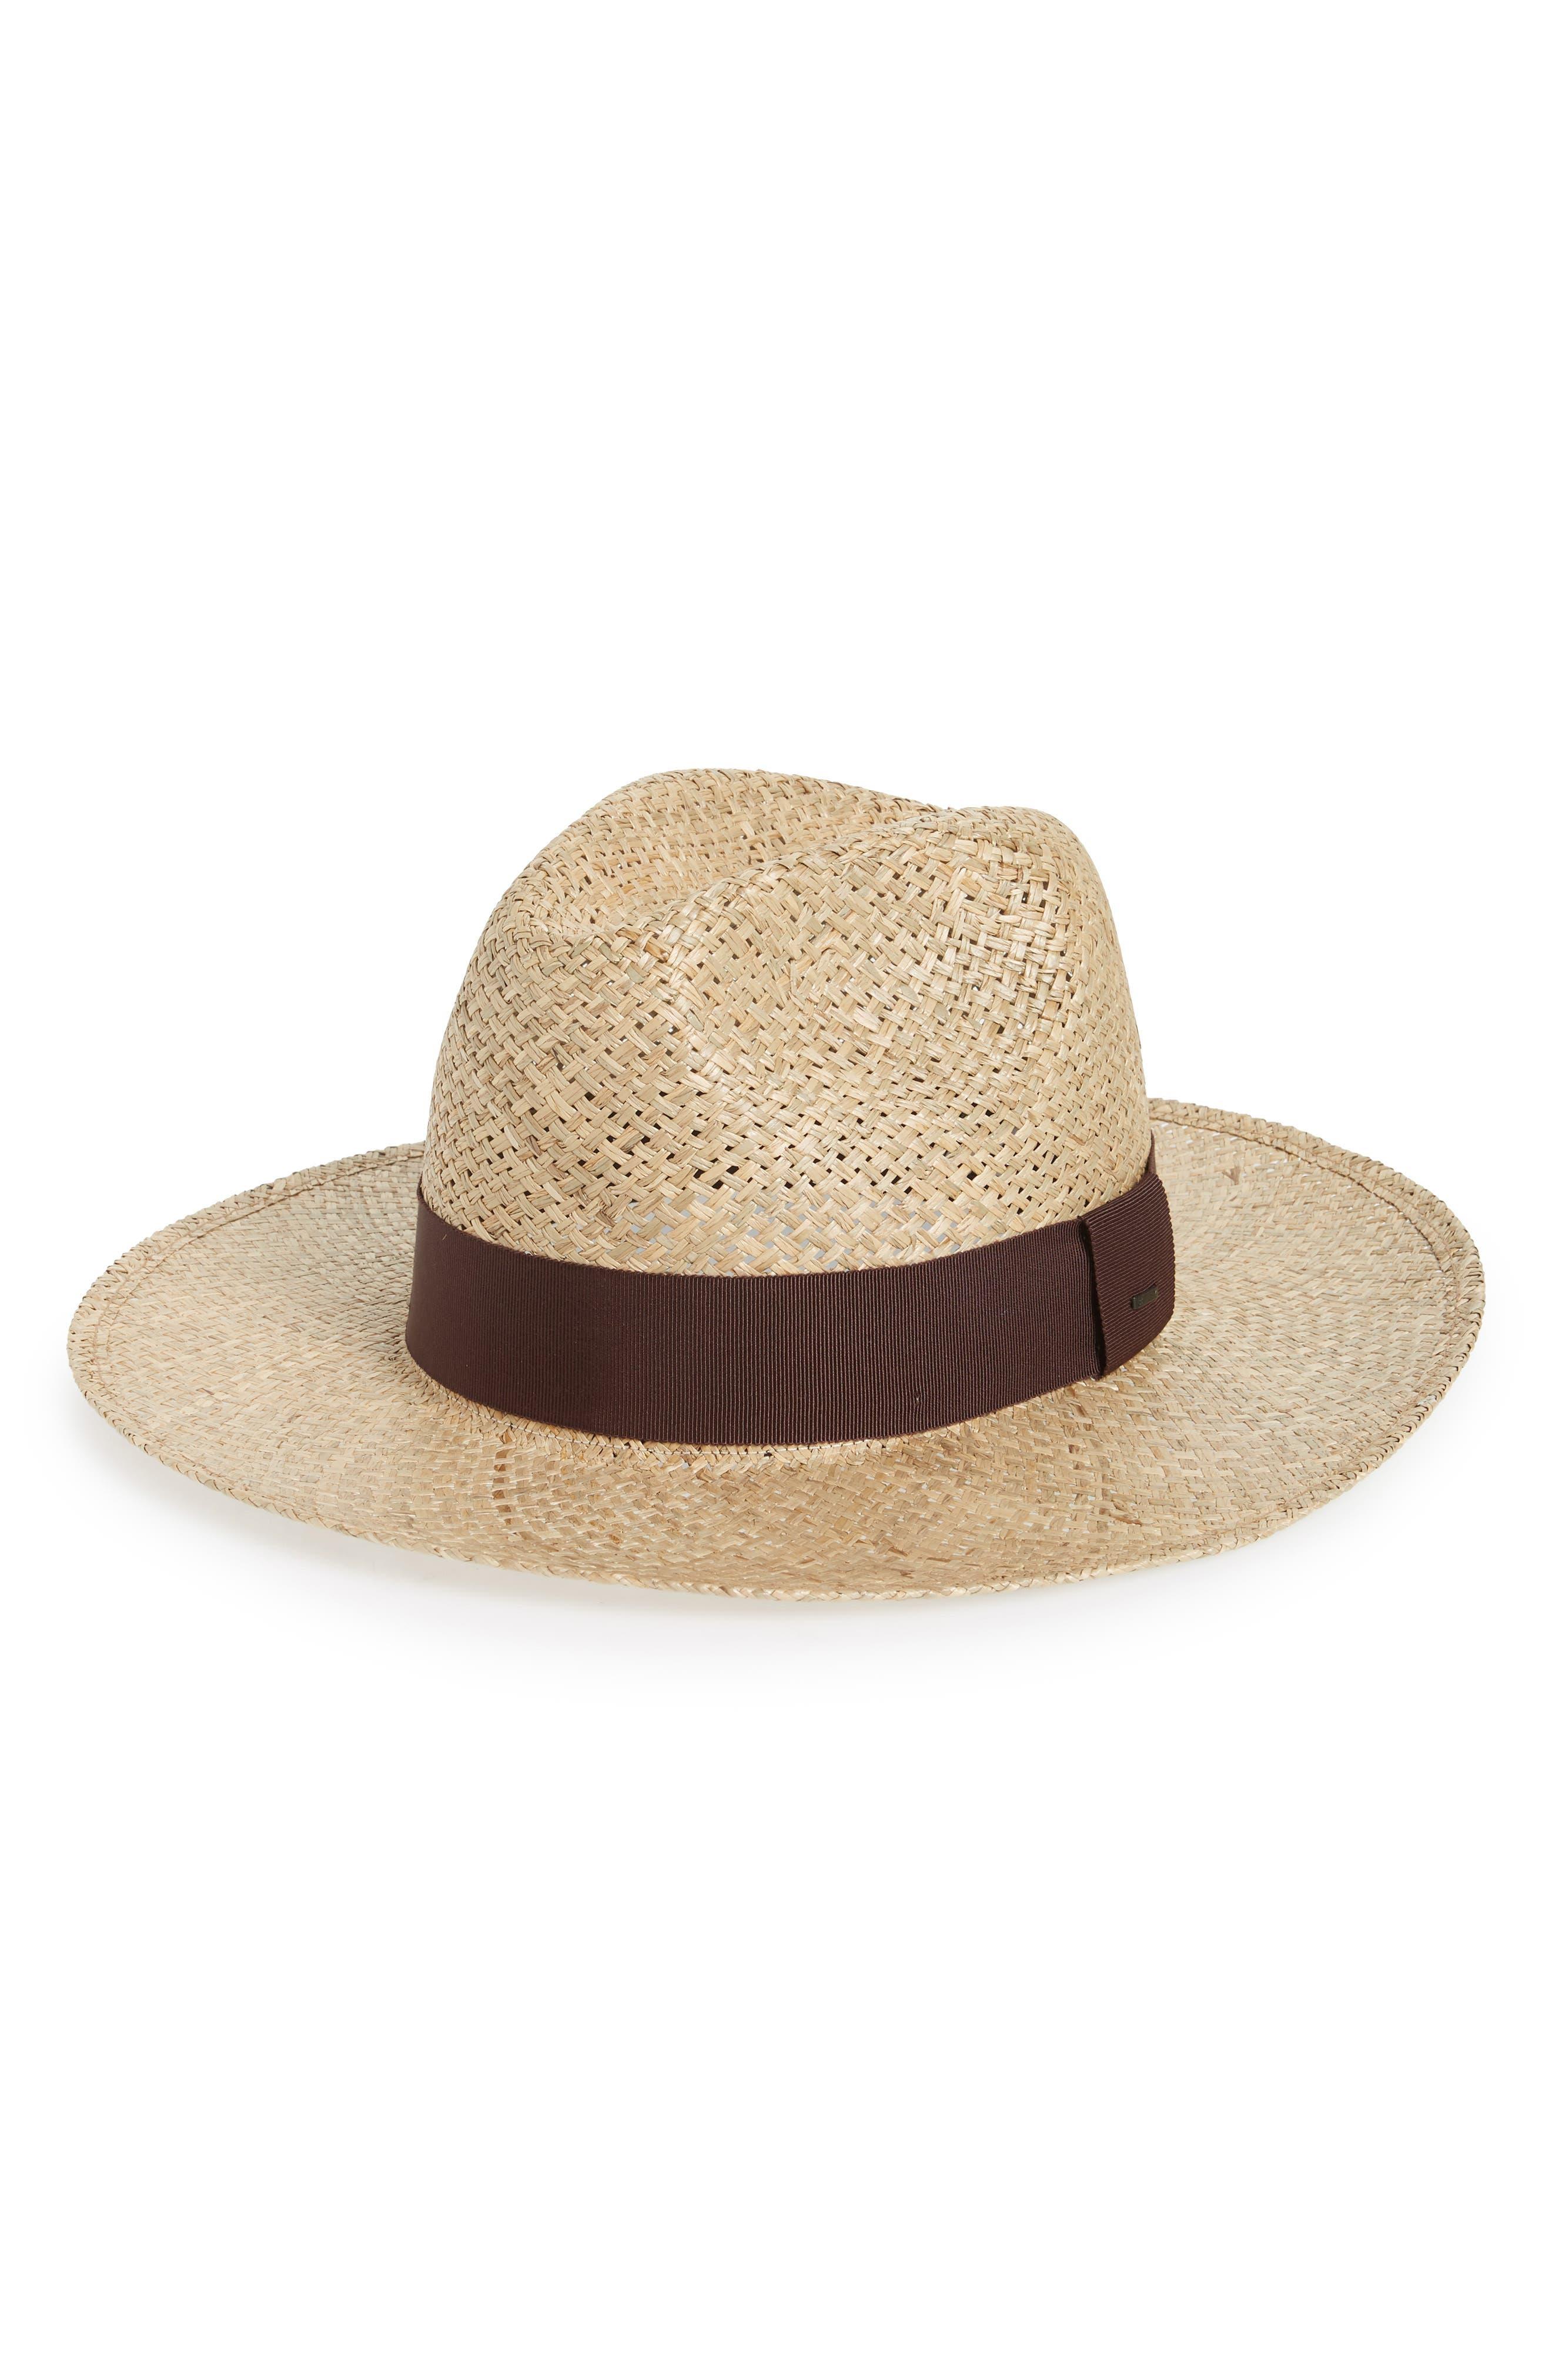 Kasmen Straw Hat,                         Main,                         color, Natural